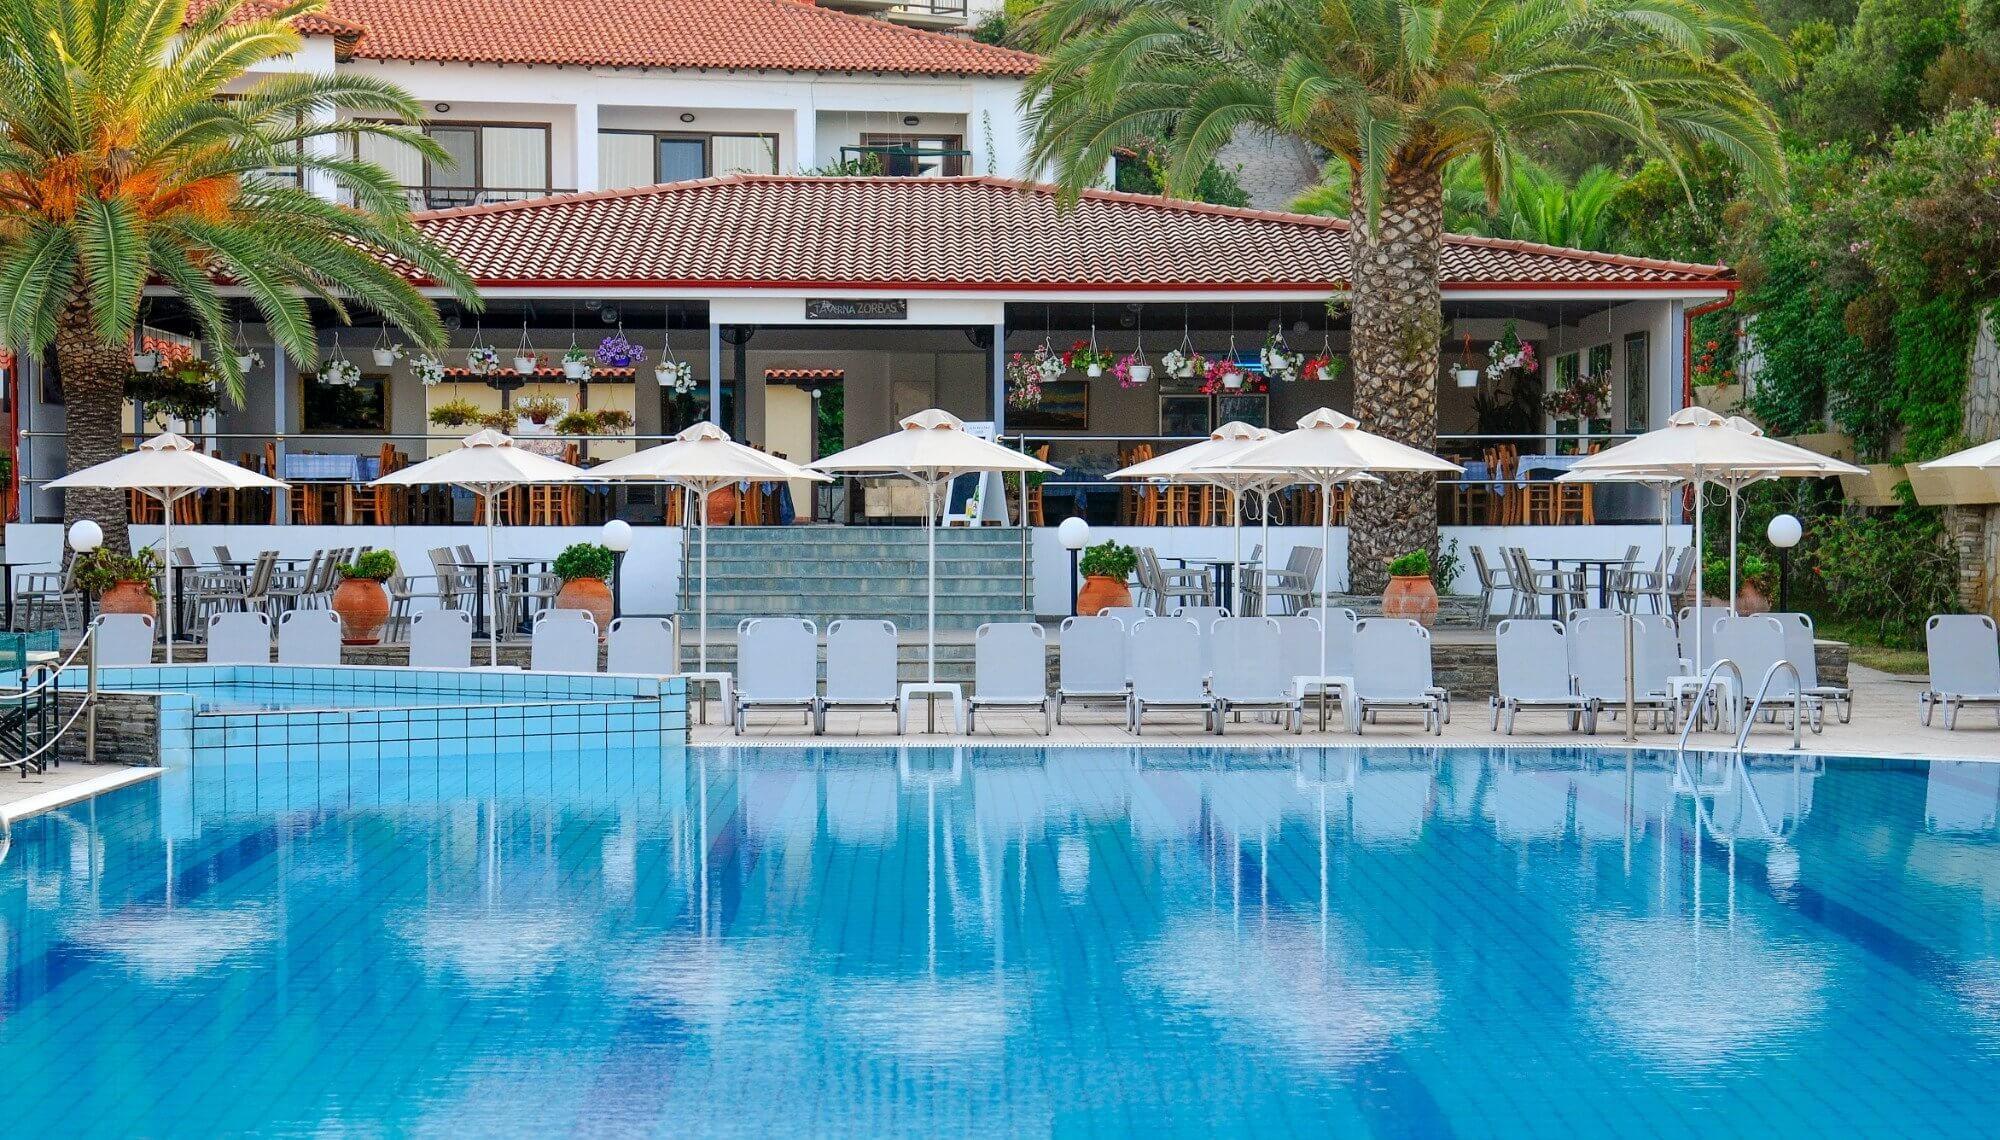 Aristoteles Holiday Resort & SPA - басейн